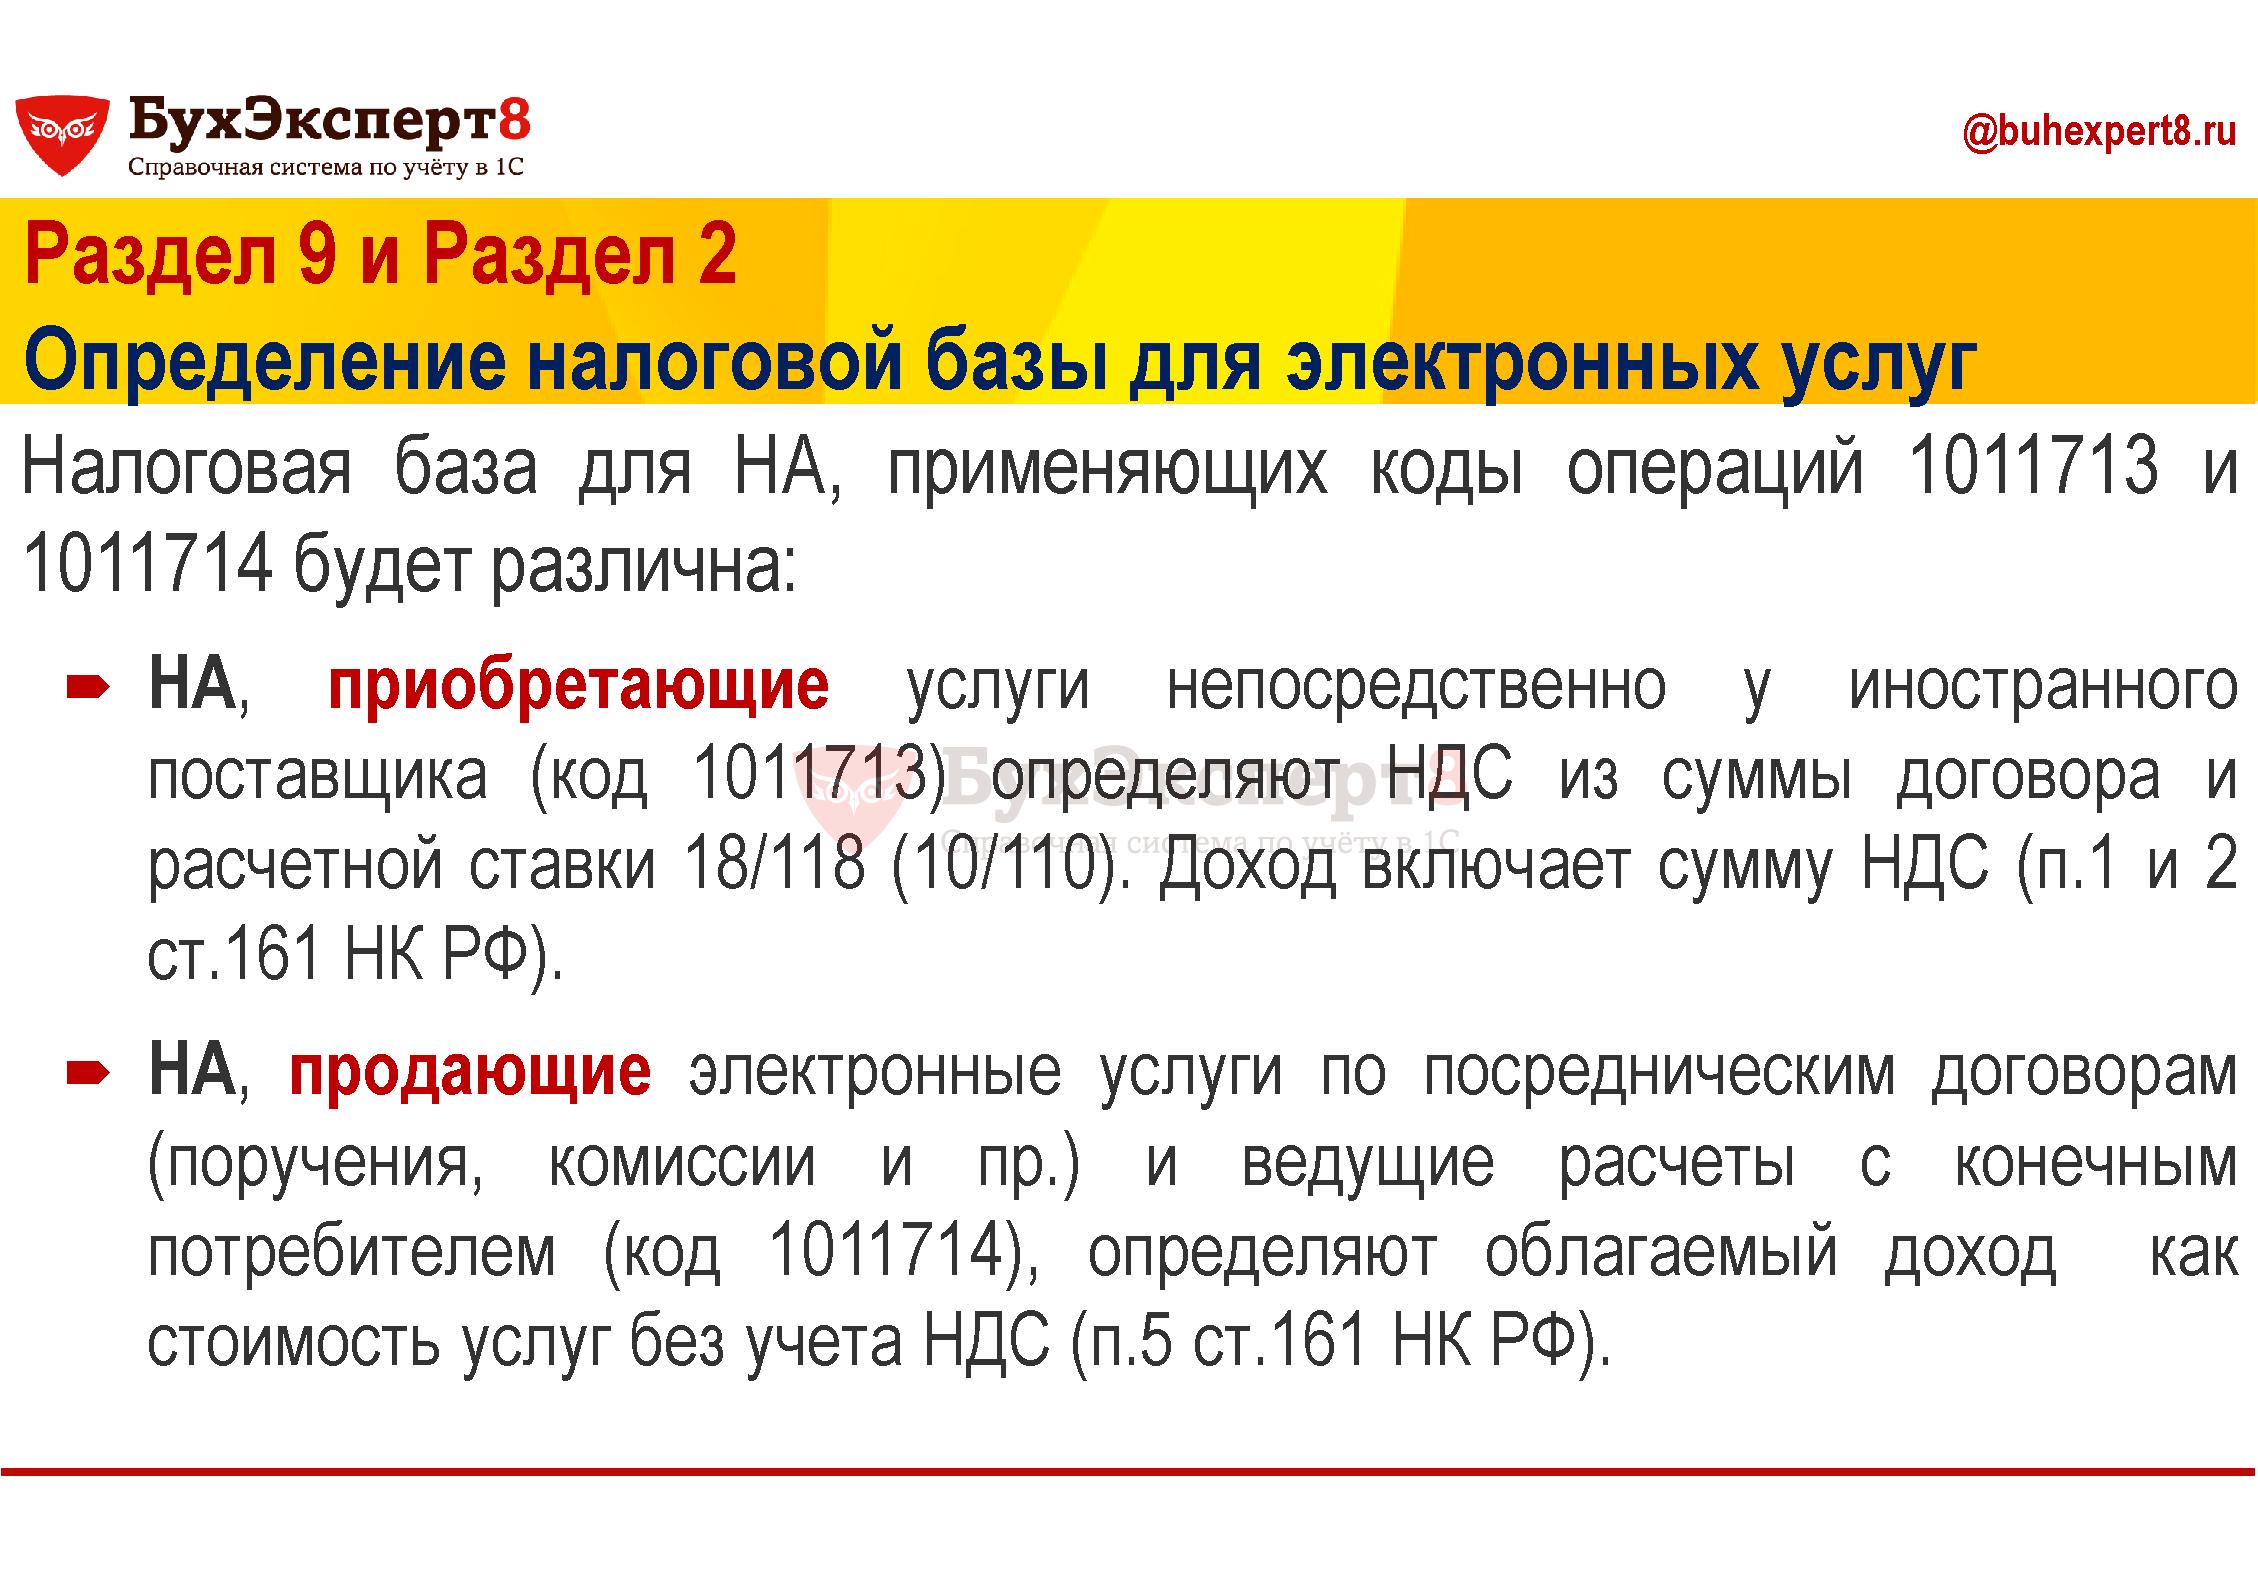 Раздел 9 и Раздел 2 Определение налоговой базы для электронных услуг Налоговая база для НА, применяющих коды операций 1011713 и 1011714 будет различна: НА, приобретающие услуги непосредственно у иностранного поставщика (код 1011713) определяют НДС из суммы договора и расчетной ставки 18/118 (10/110). Доход включает сумму НДС (п.1 и 2 ст.161 НК РФ). НА, продающие электронные услуги по посредническим договорам (поручения, комиссии и пр.) и ведущие расчеты с конечным потребителем (код 1011714), определяют облагаемый доход как стоимость услуг без учета НДС (п.5 ст.161 НК РФ)